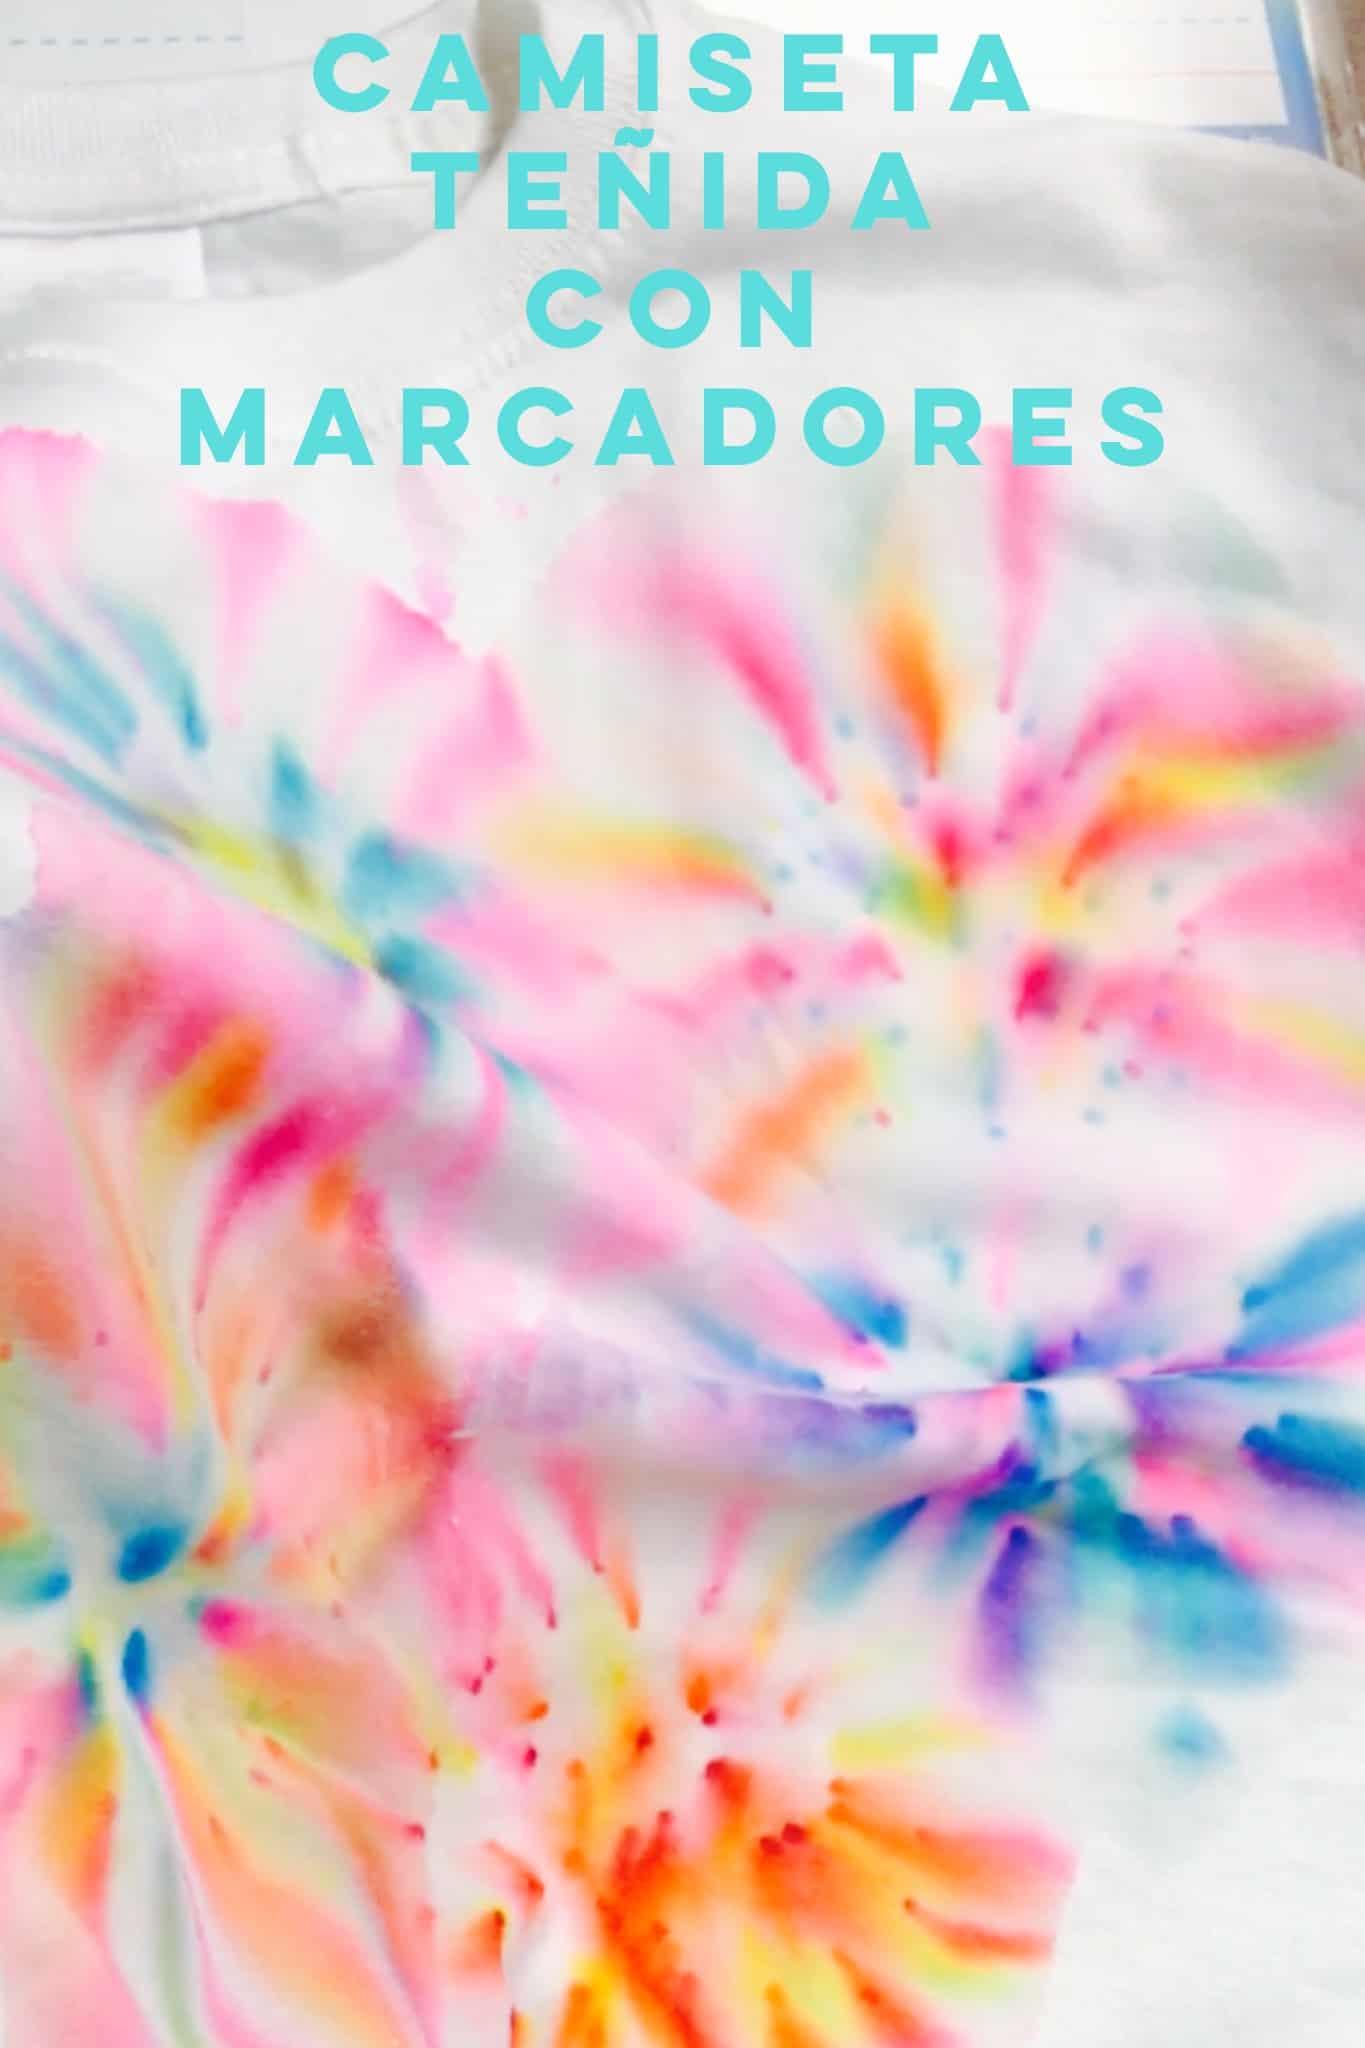 Si buscas una actividad colorida, divertida y fácil de hacer, te encantarán estas camisetas tie-dye que puedes teñir con plumones o marcadores y alcohol.